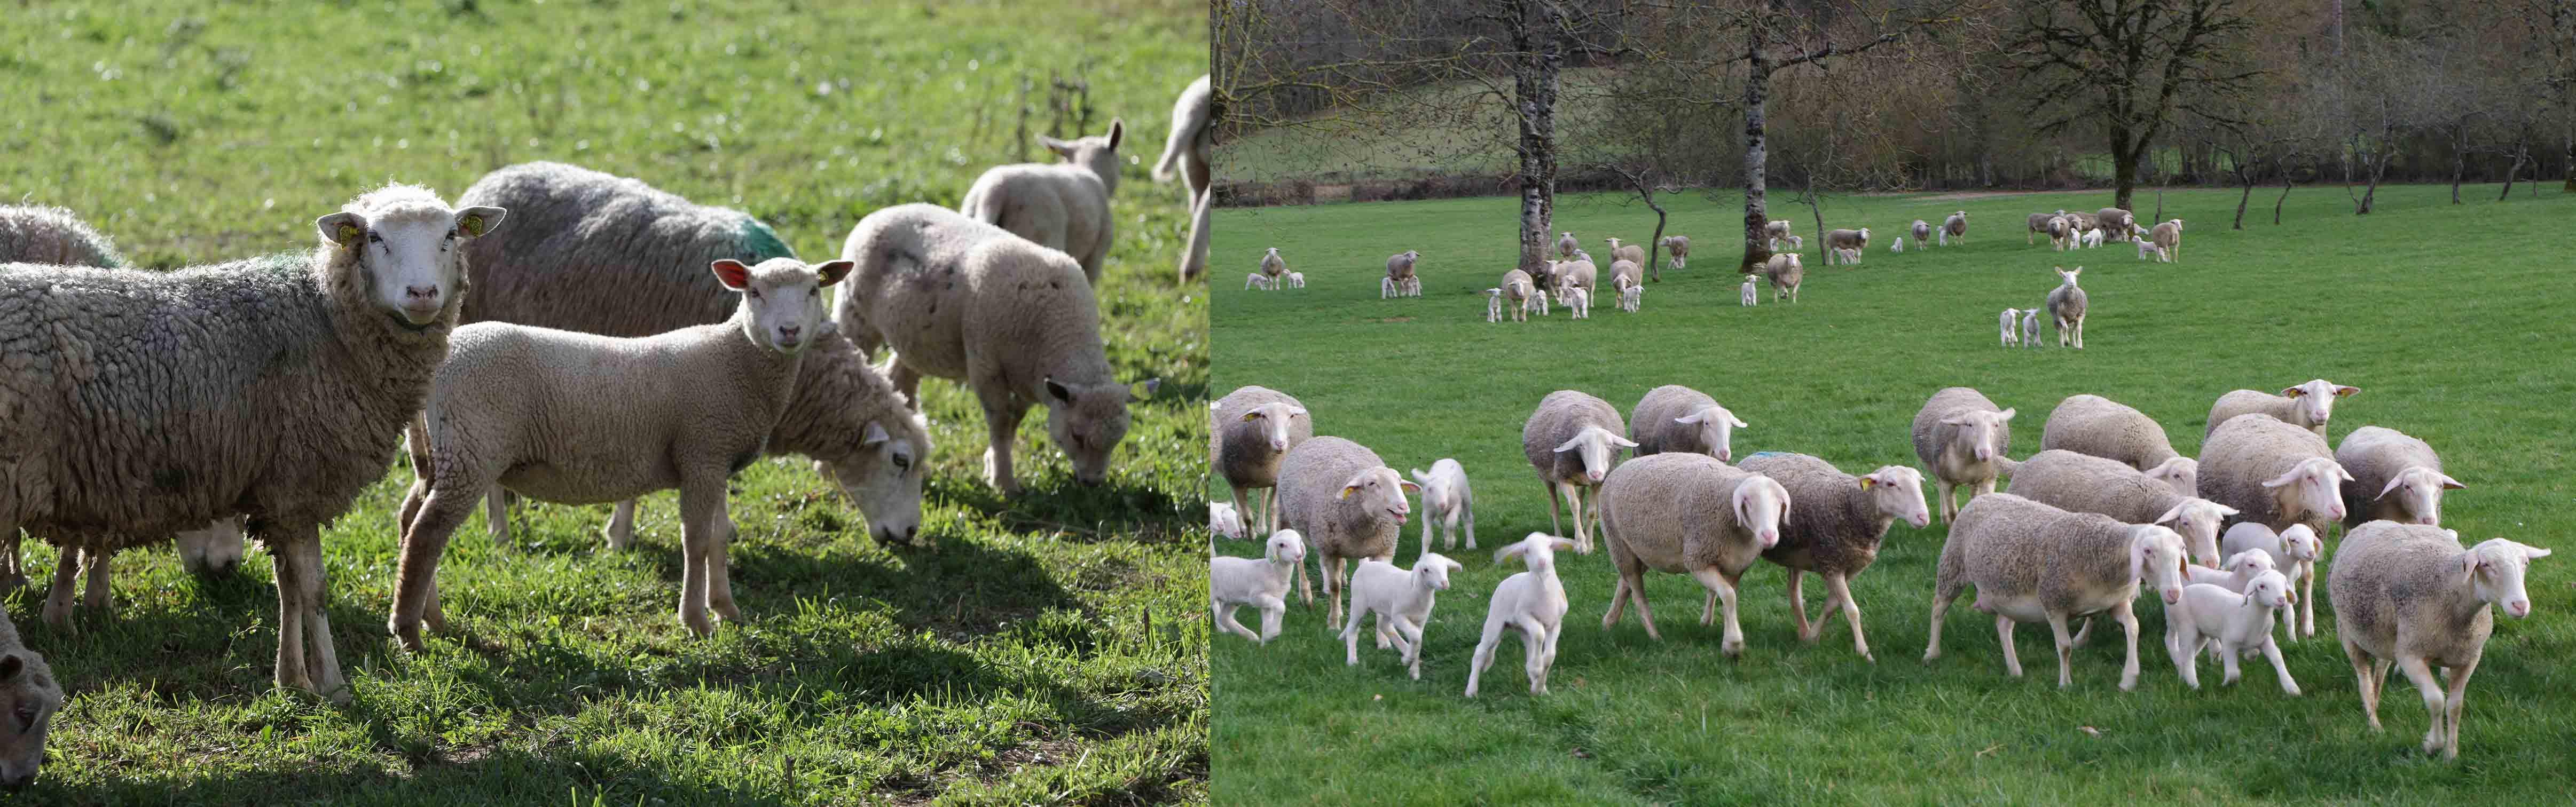 Moutons, Brebis et agneau dans prairie